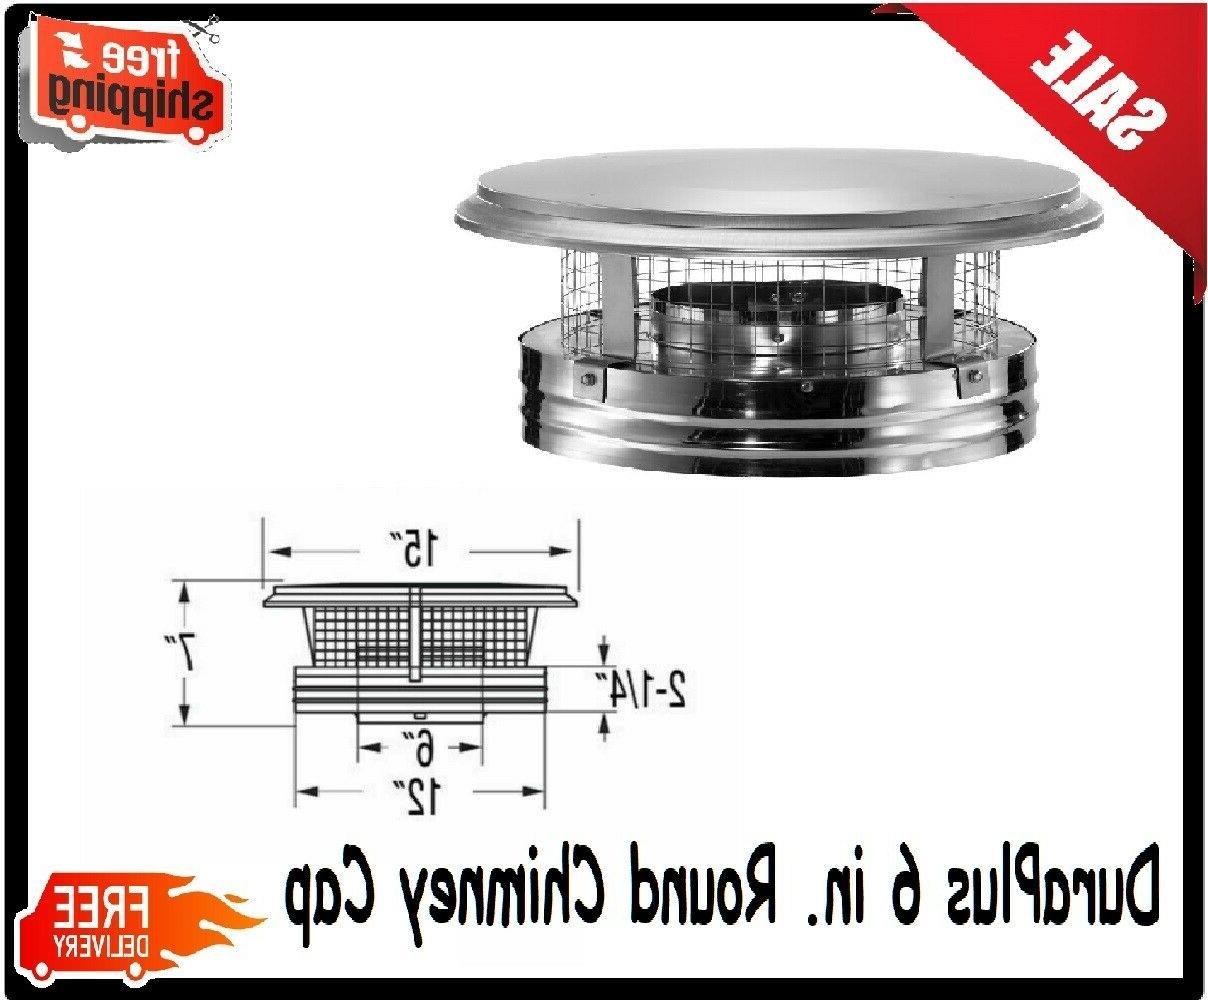 Dura Vent DuraPlus 9284 8-Inch Chimney Cap